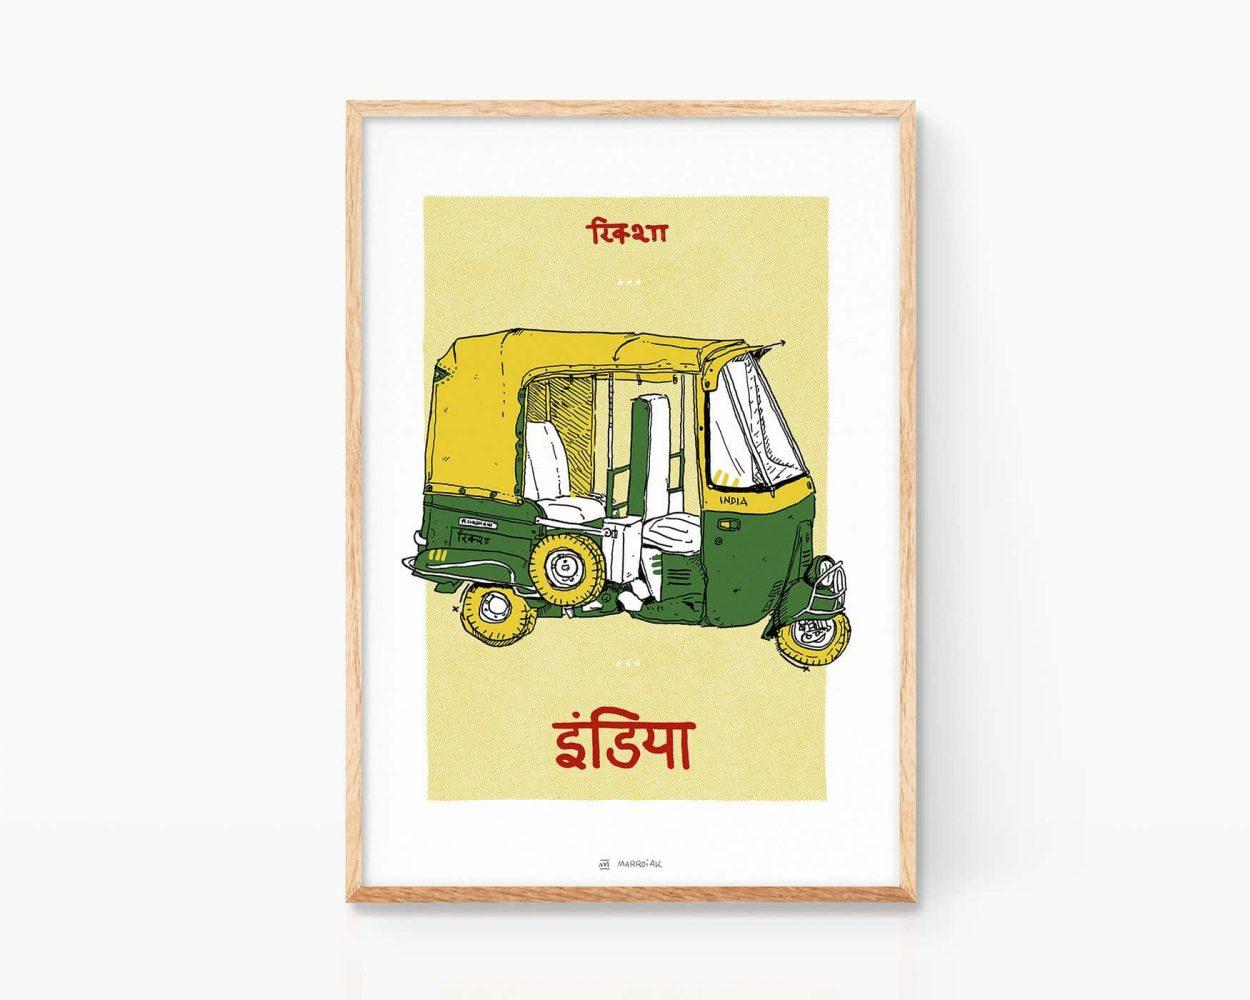 Lámina decorativa con un dibujo de una rickshaw (tuk tuk) de la India. Ilustración de viaje. Cuadro para enmarcar.